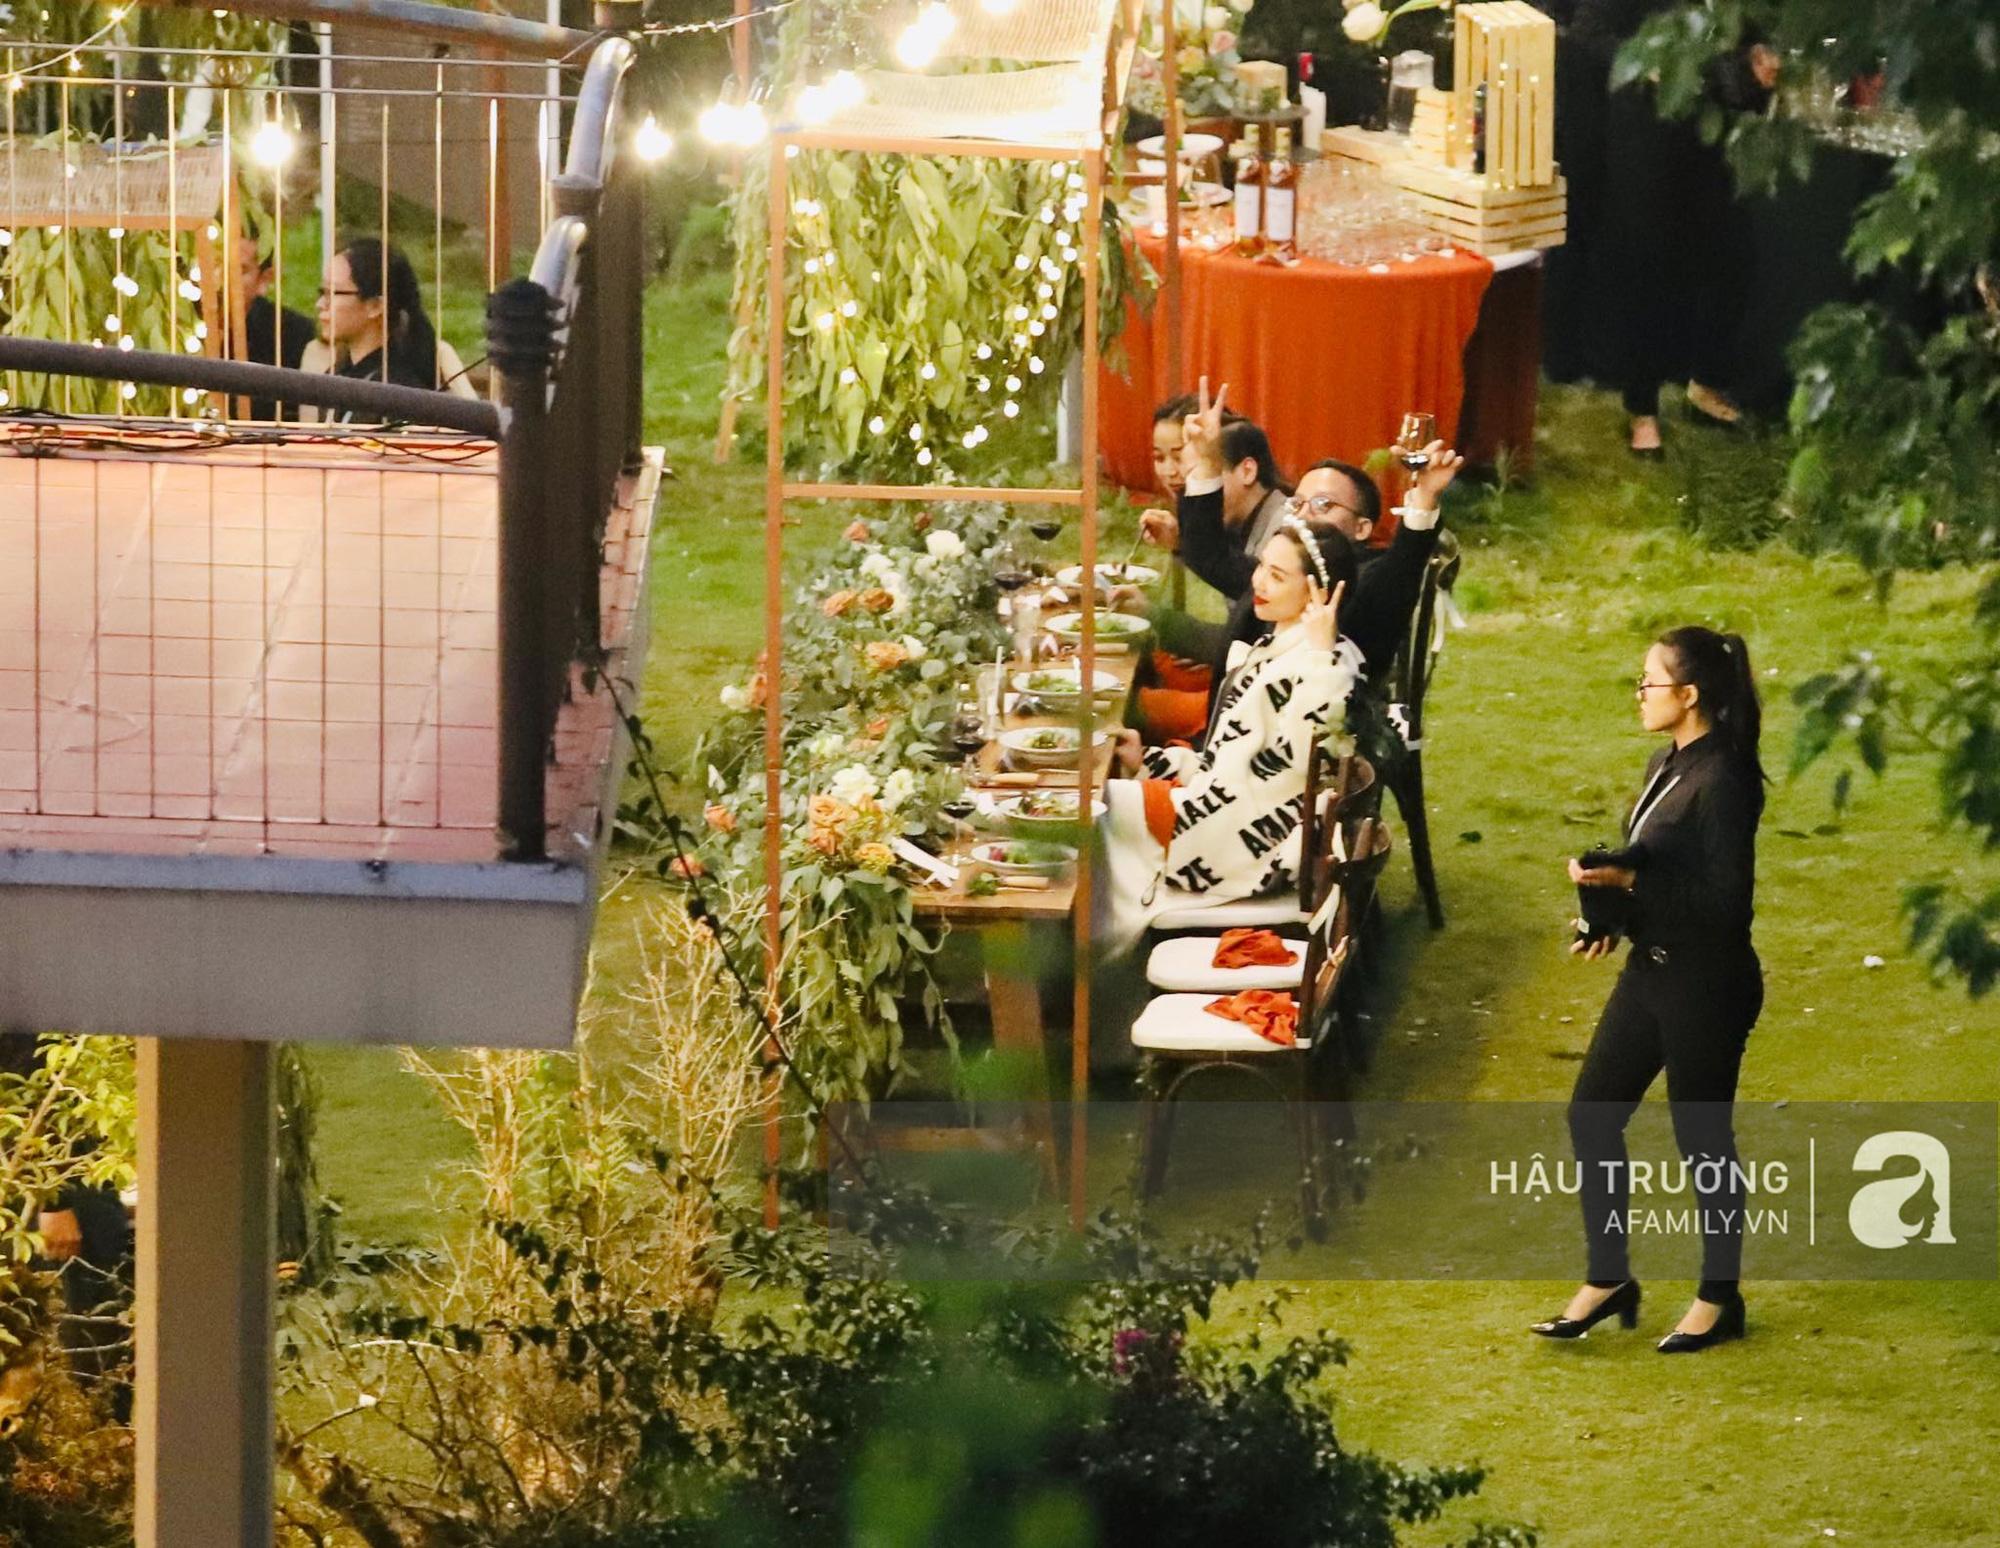 Tóc Tiên đích thân giải đáp lý do tổ chức tiệc cưới đơn giản thay vì hôn lễ đình đám như các ngôi sao hạng A - Ảnh 2.